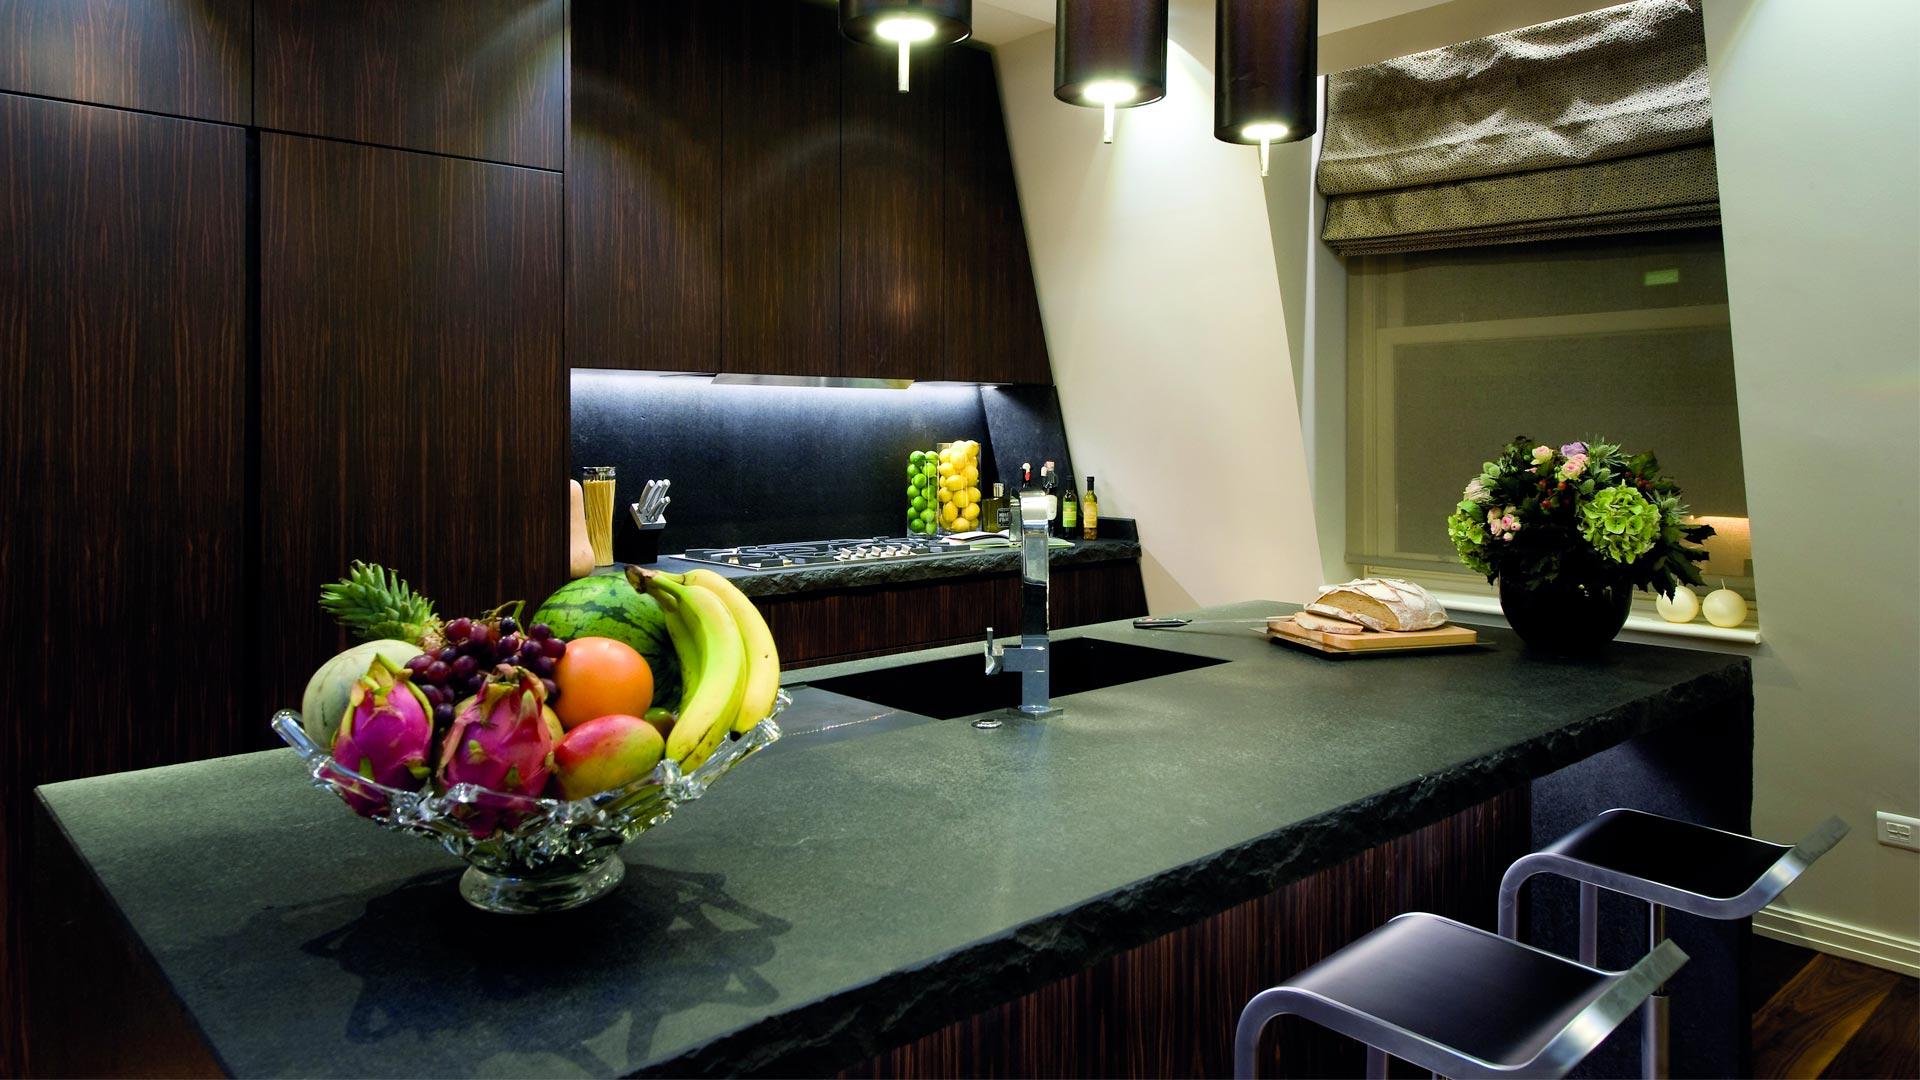 Cucina su misura in ebano e piani di lavoro in pietra di Cardoso